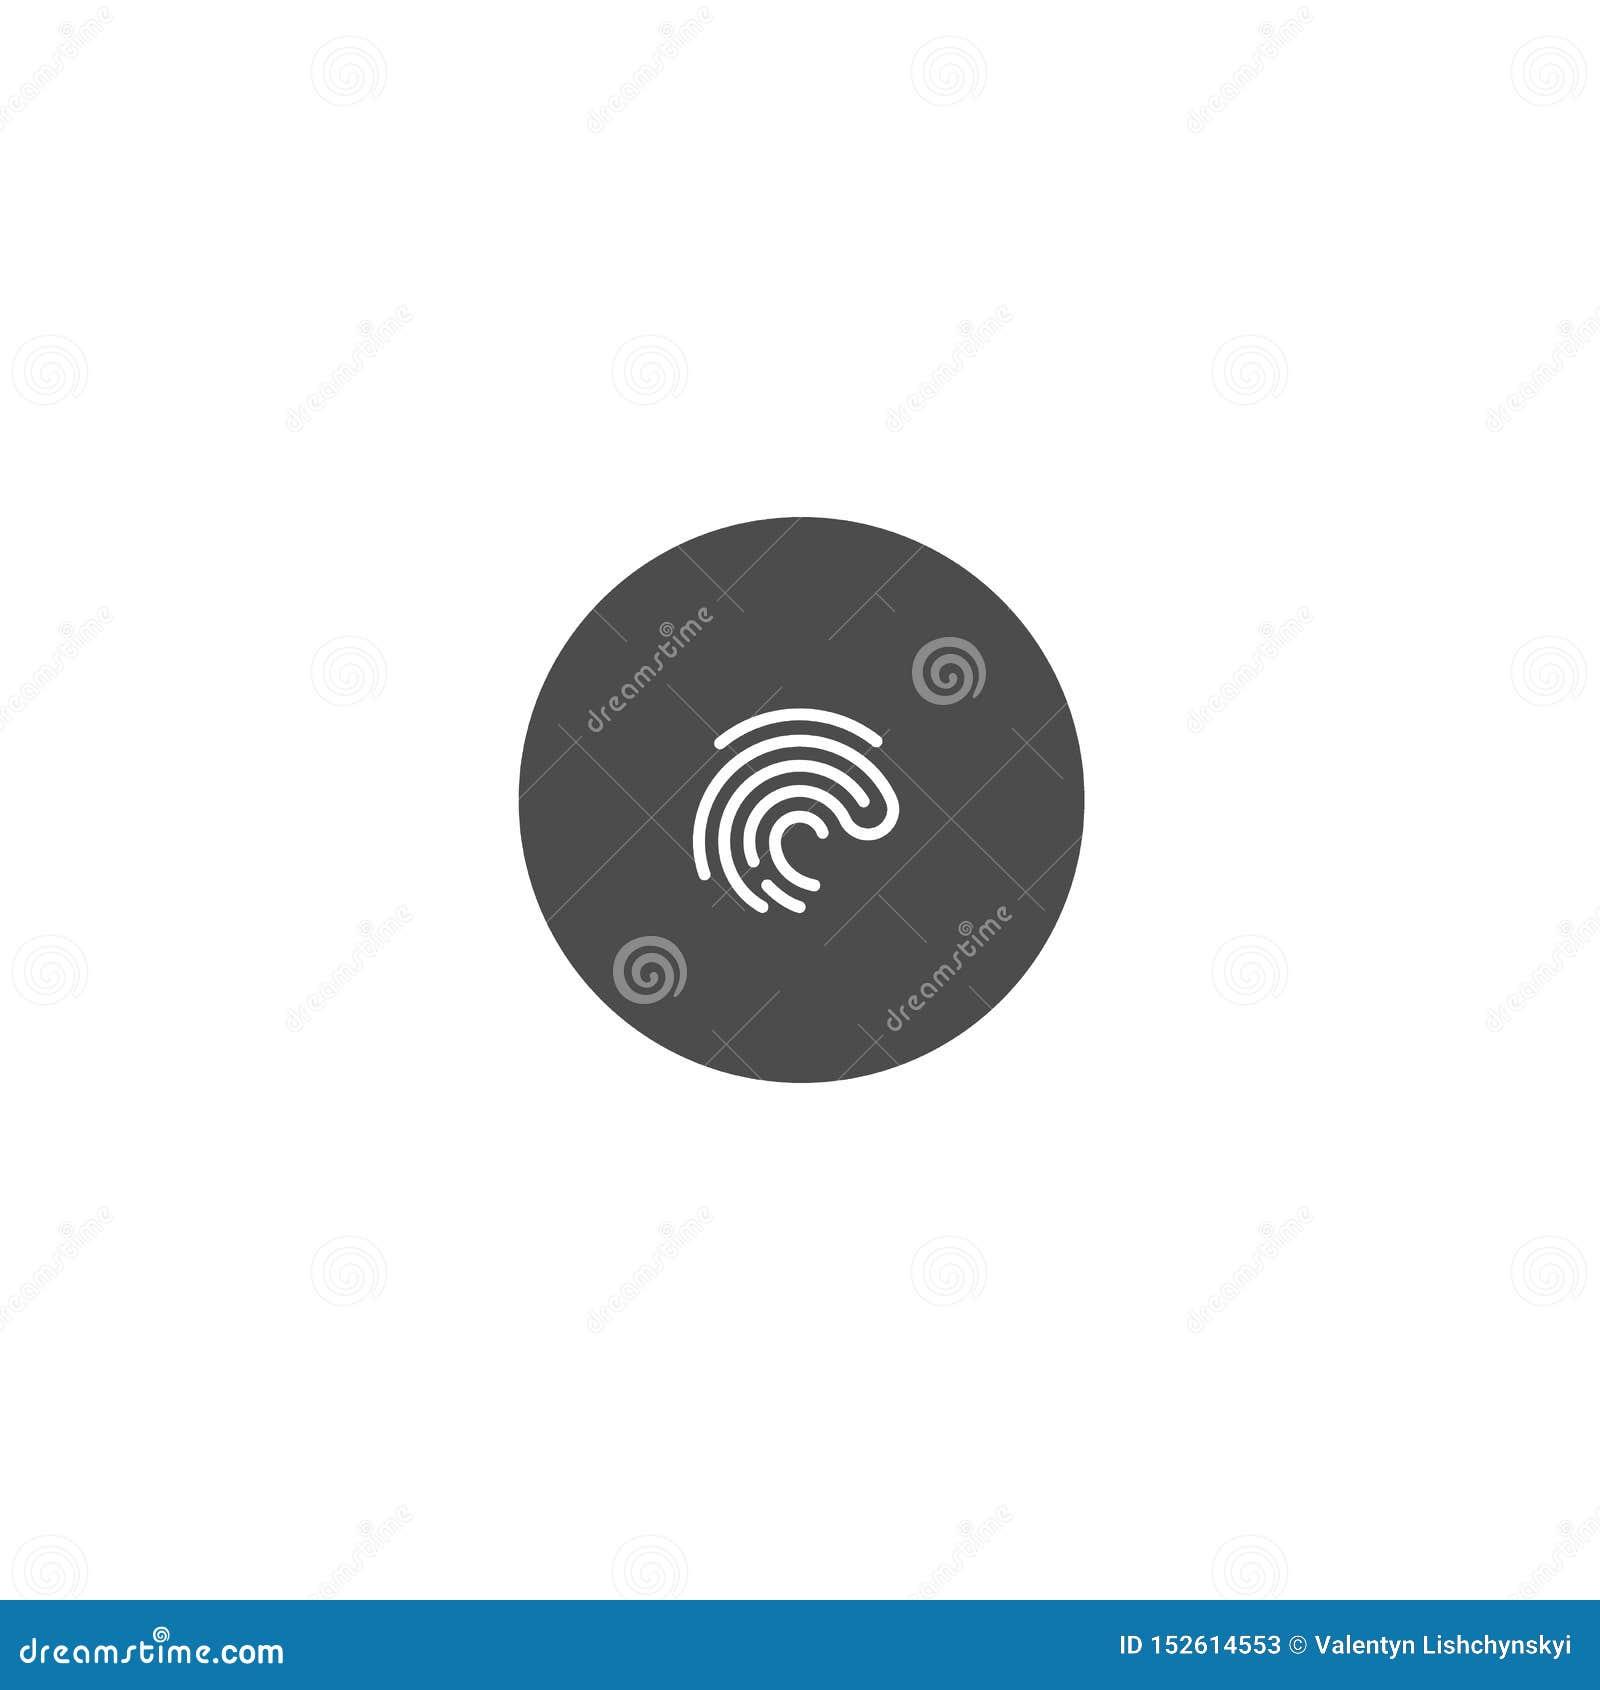 Odcisk palca ikona na ciemnym okręgu tle symbolu wektor